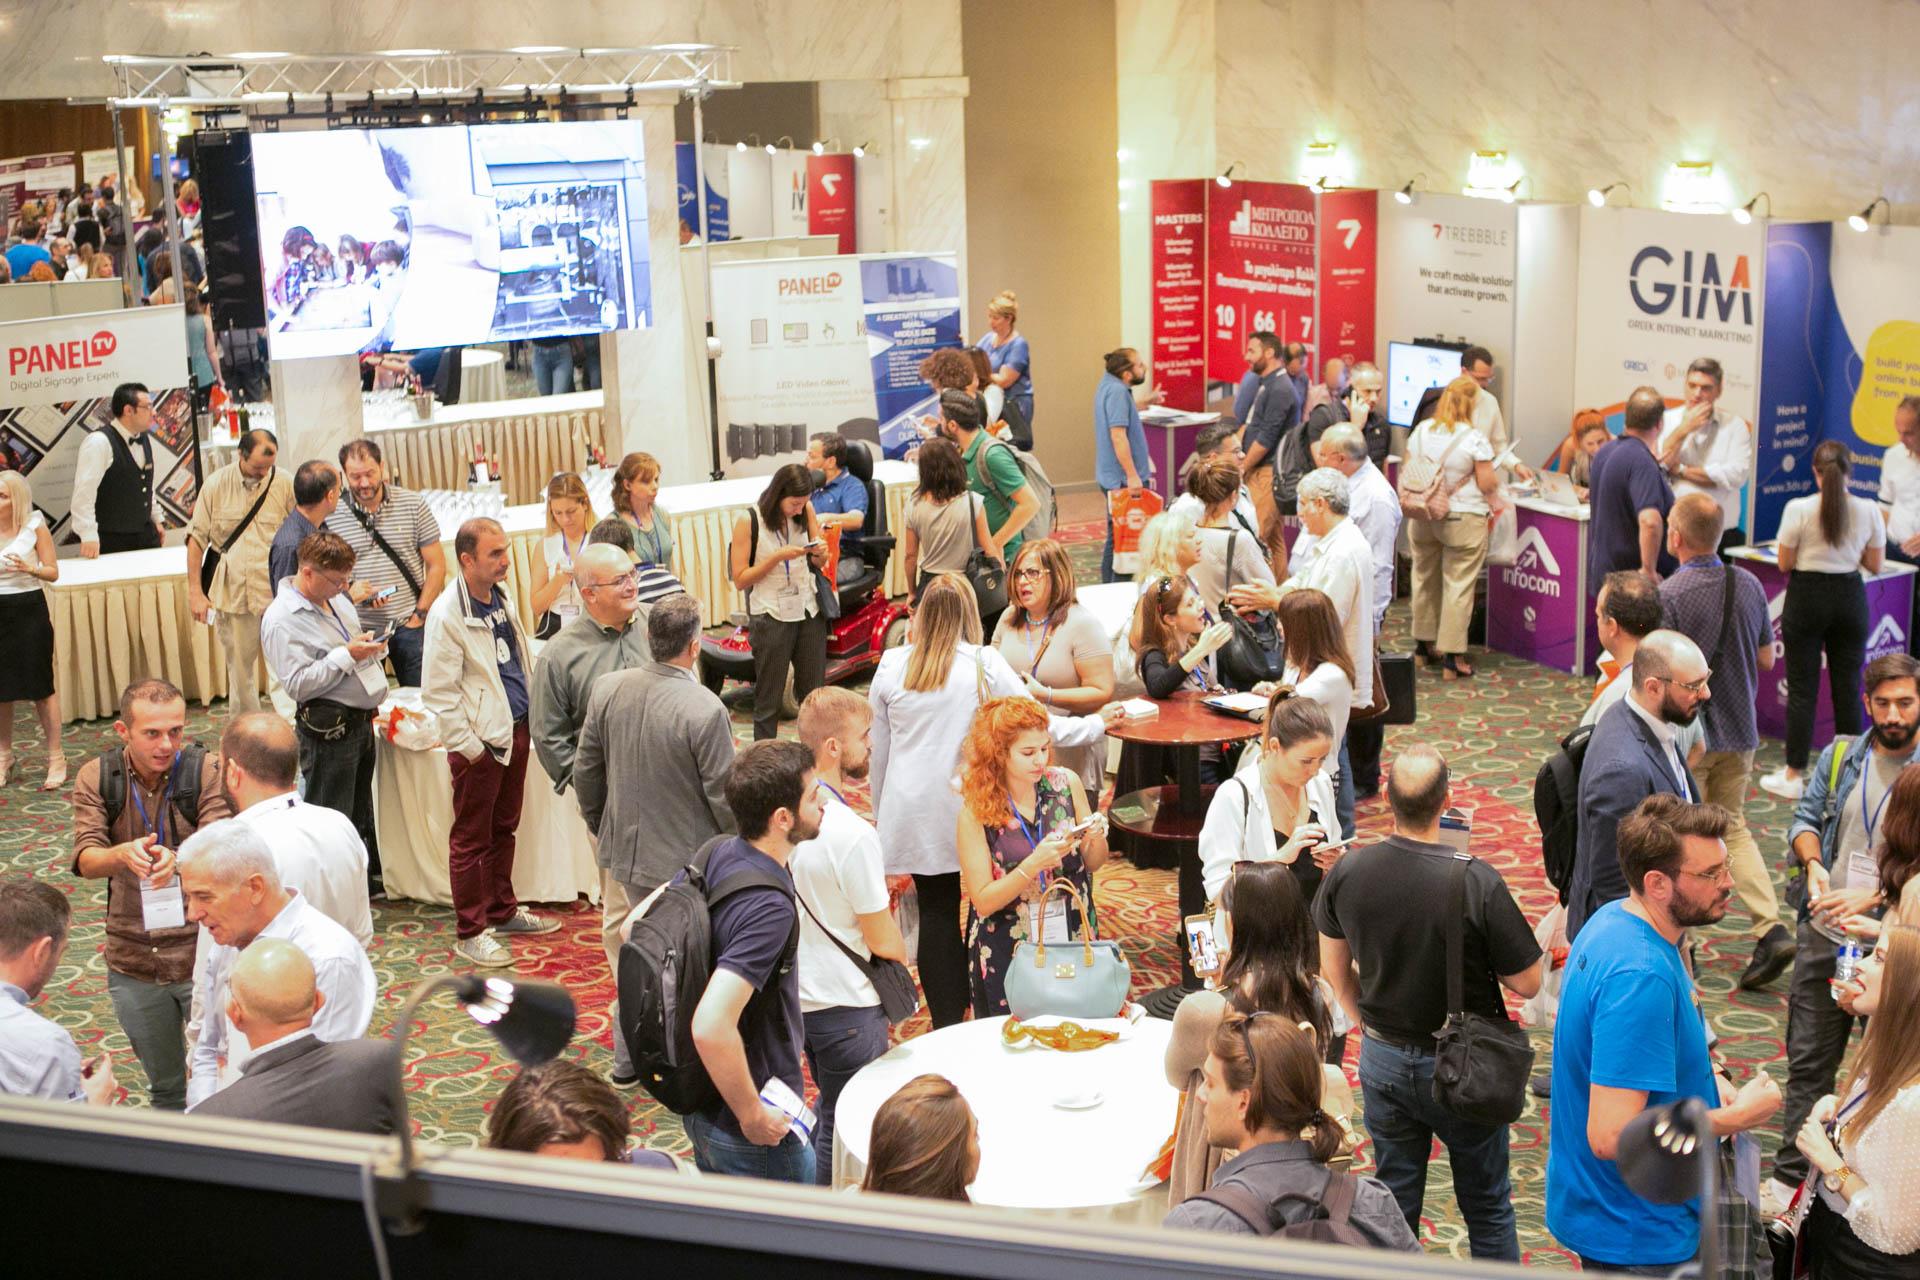 10ο συνέδριο e-business and social media world